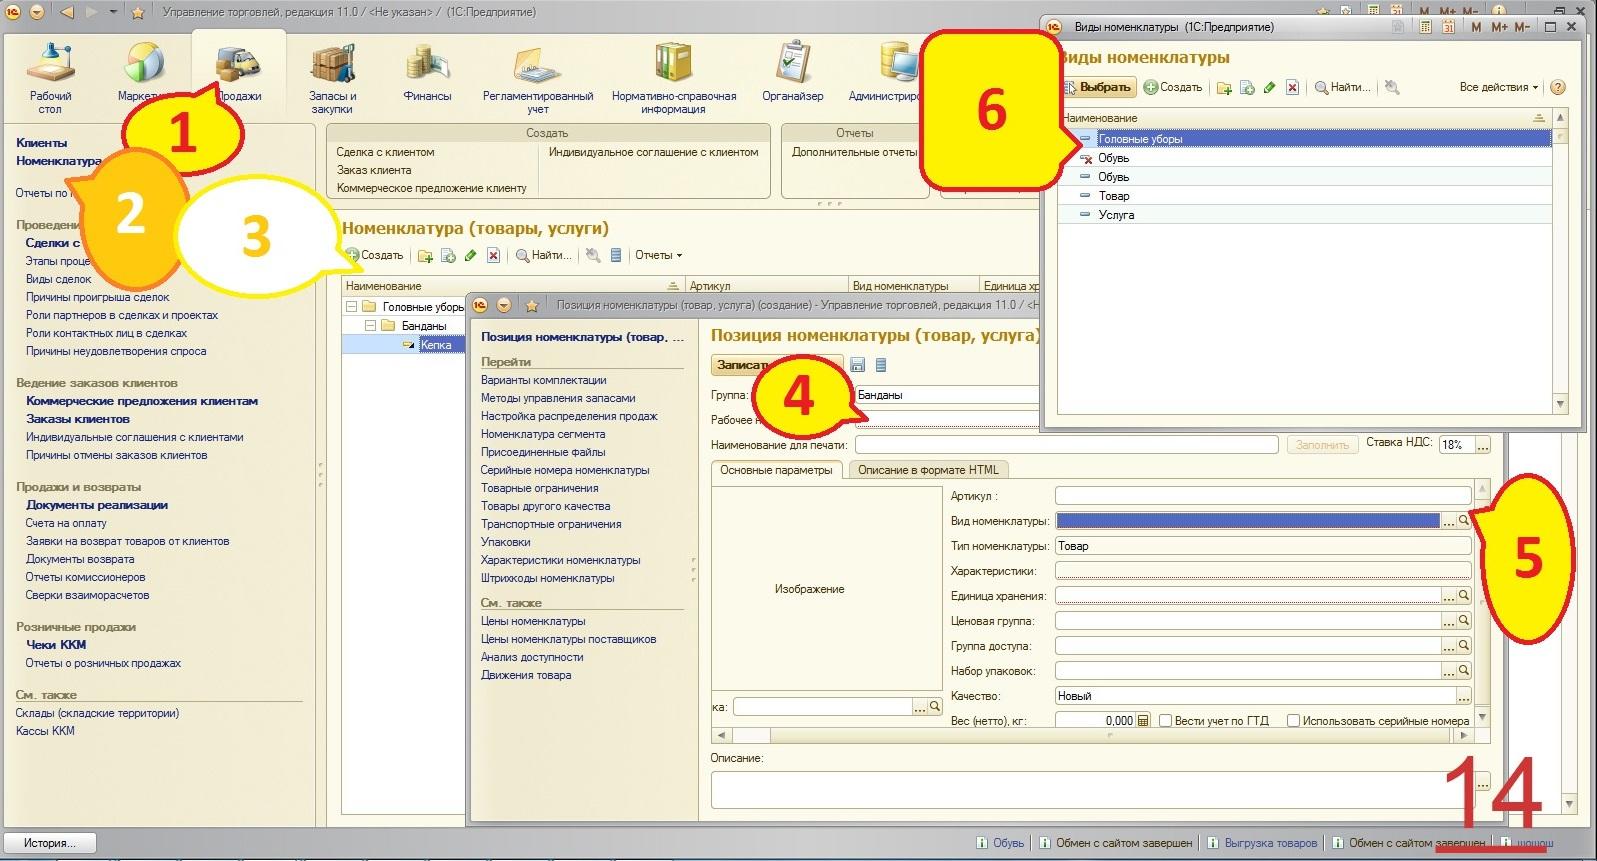 интеграция  сайта на 1С bitrix  и 1С Управление орговлейТ